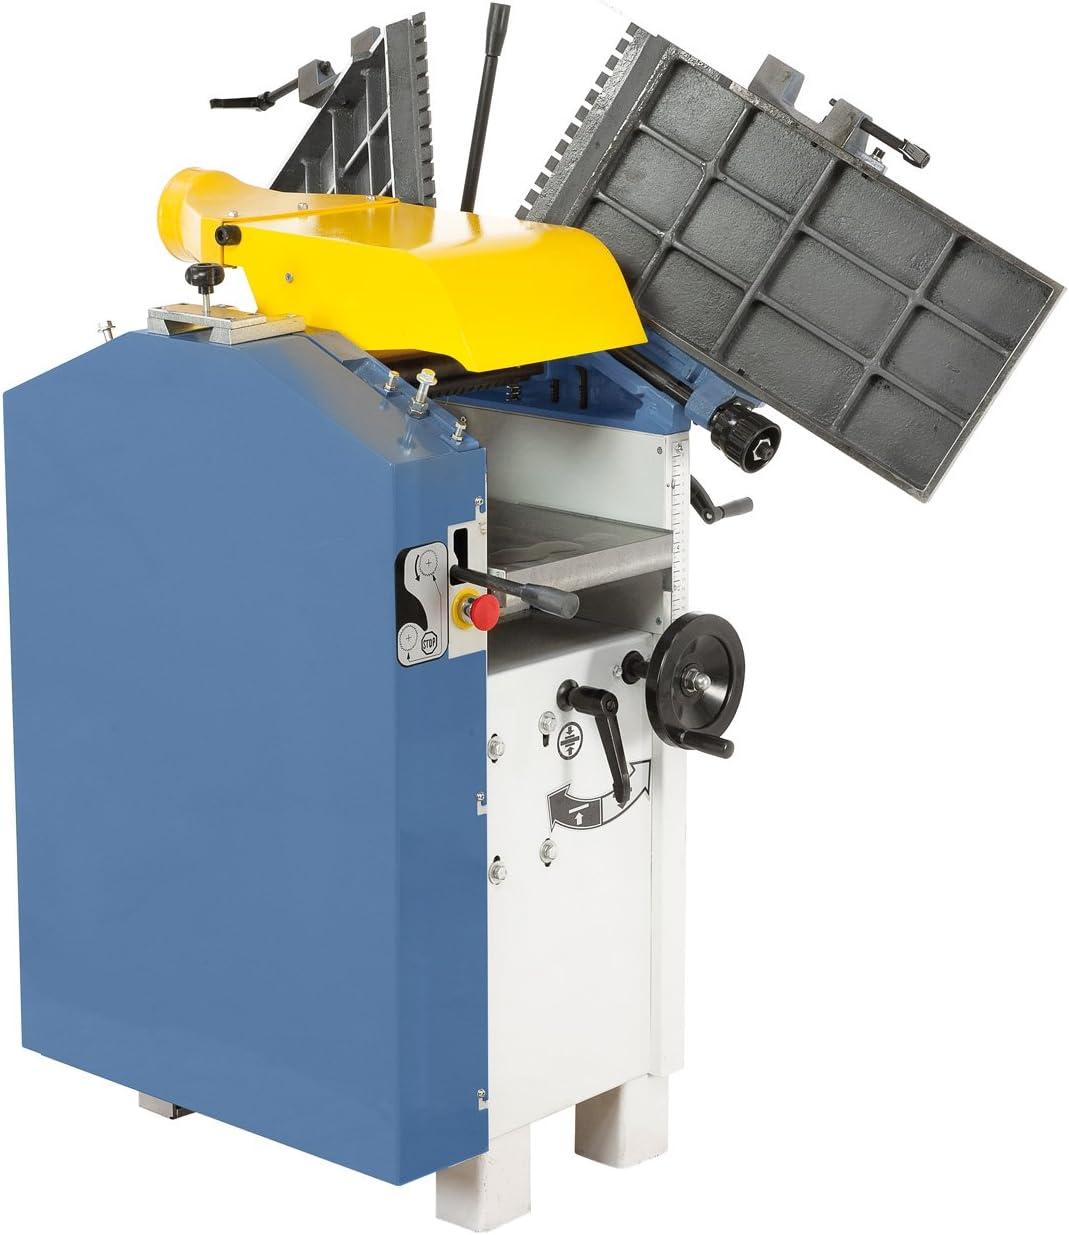 Bernardo ADM 260 - Máquina cepilladora y regruesadora (230 V): Amazon.es: Bricolaje y herramientas